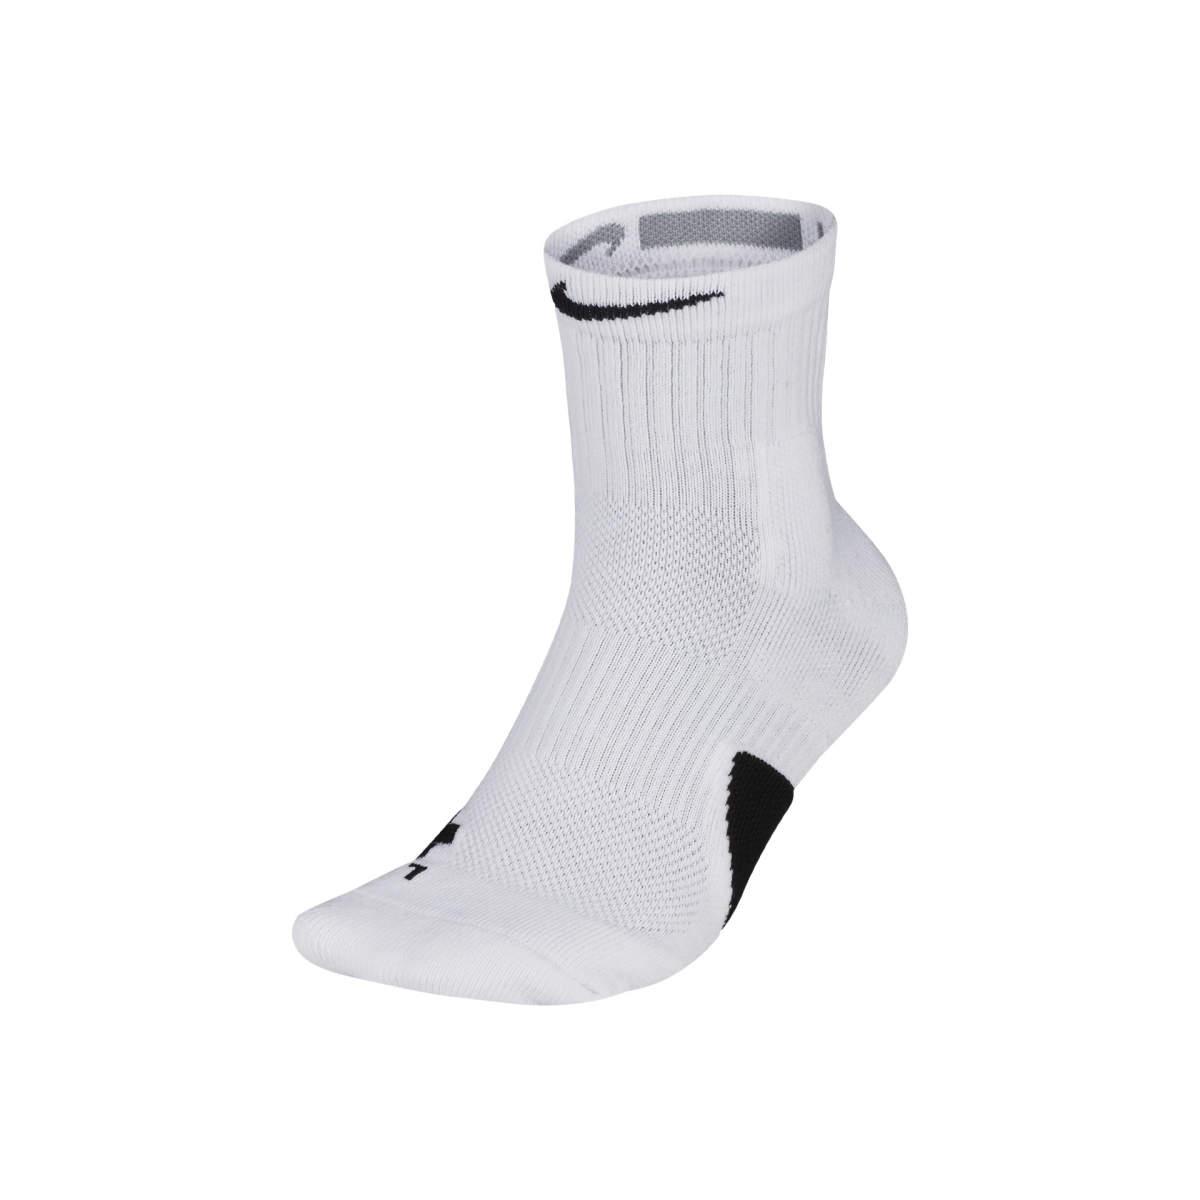 Elite mid socks white